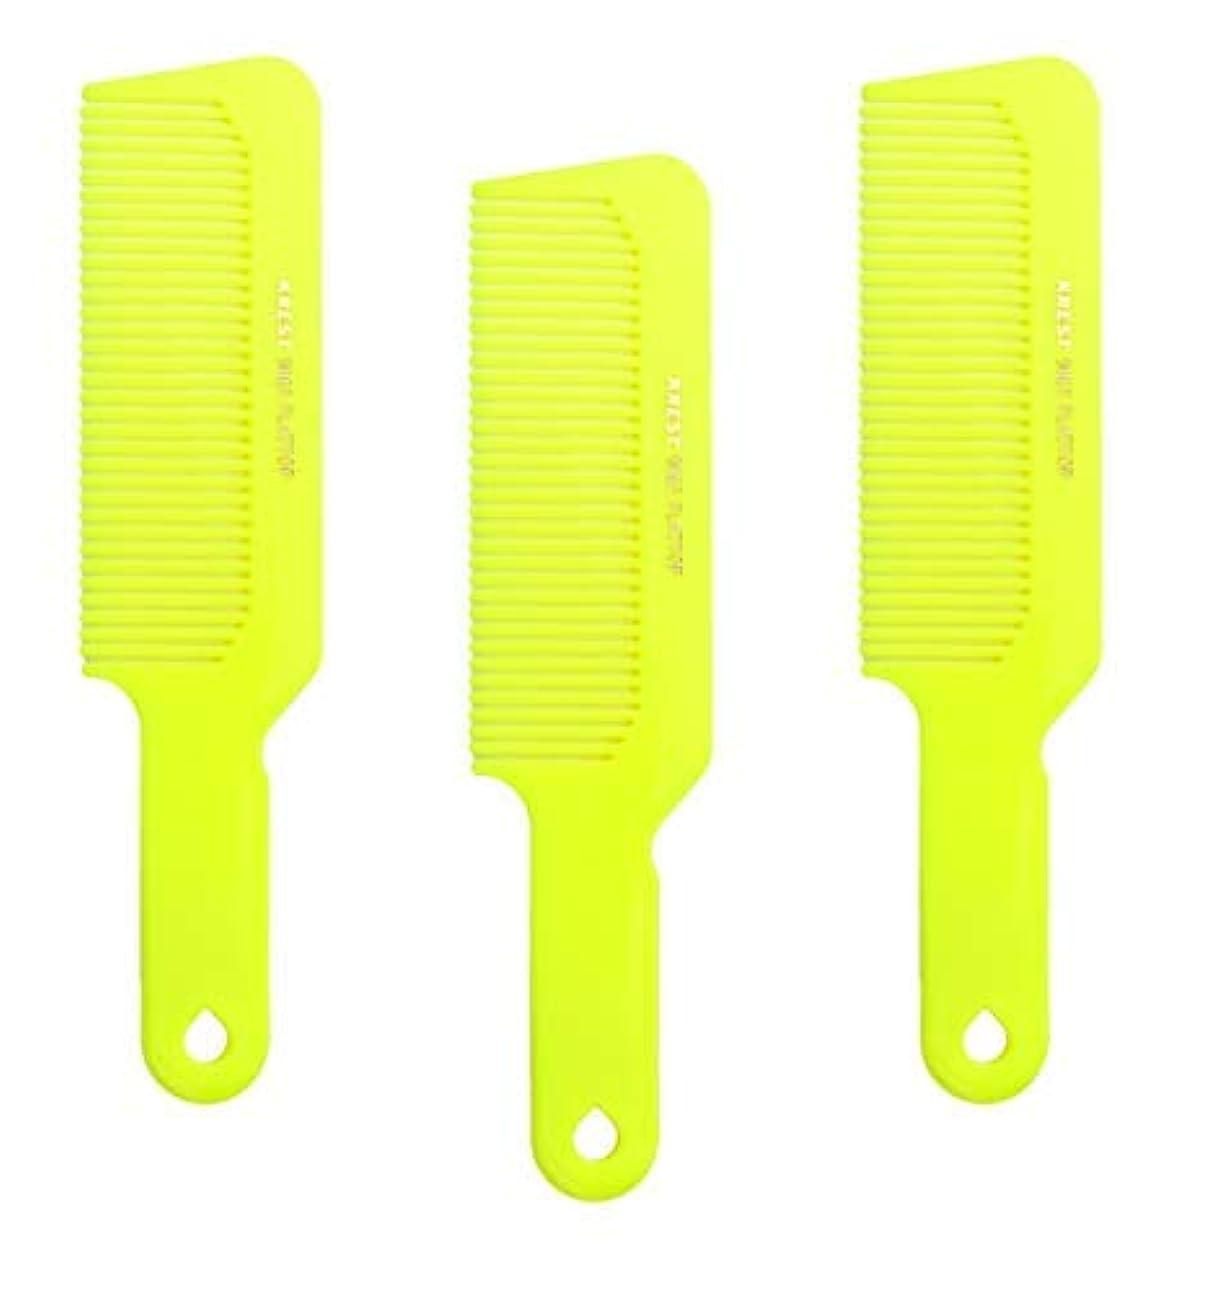 することになっているコーナー気分Hair Comb 8-3/4 Flattop Hair Cutting Comb. Barbers Hairdresser Comb. Model 9001. 3 Combs (Neon Yellow) [並行輸入品]